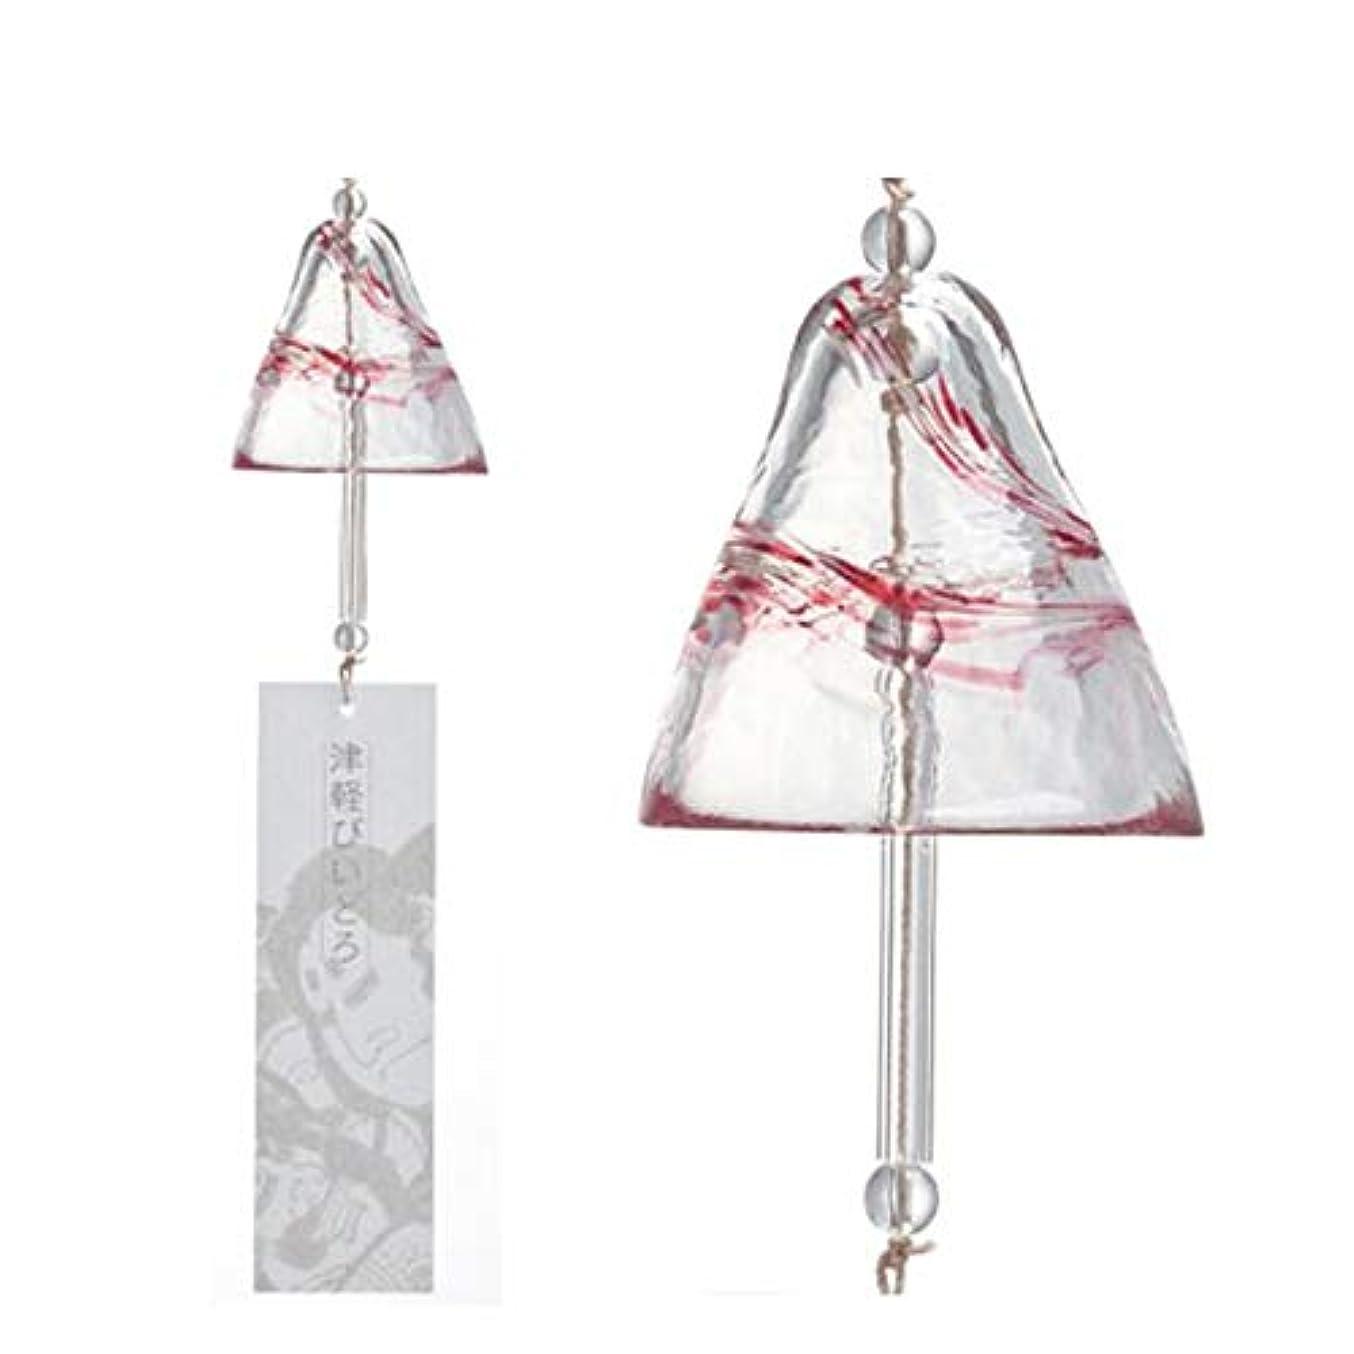 爬虫類上小石Chengjinxiang 風チャイム、クリスタルガラス風チャイム、ドア飾りペンダント、レッド、サイズ75x76mmハンギング,クリエイティブギフト (Color : Red)